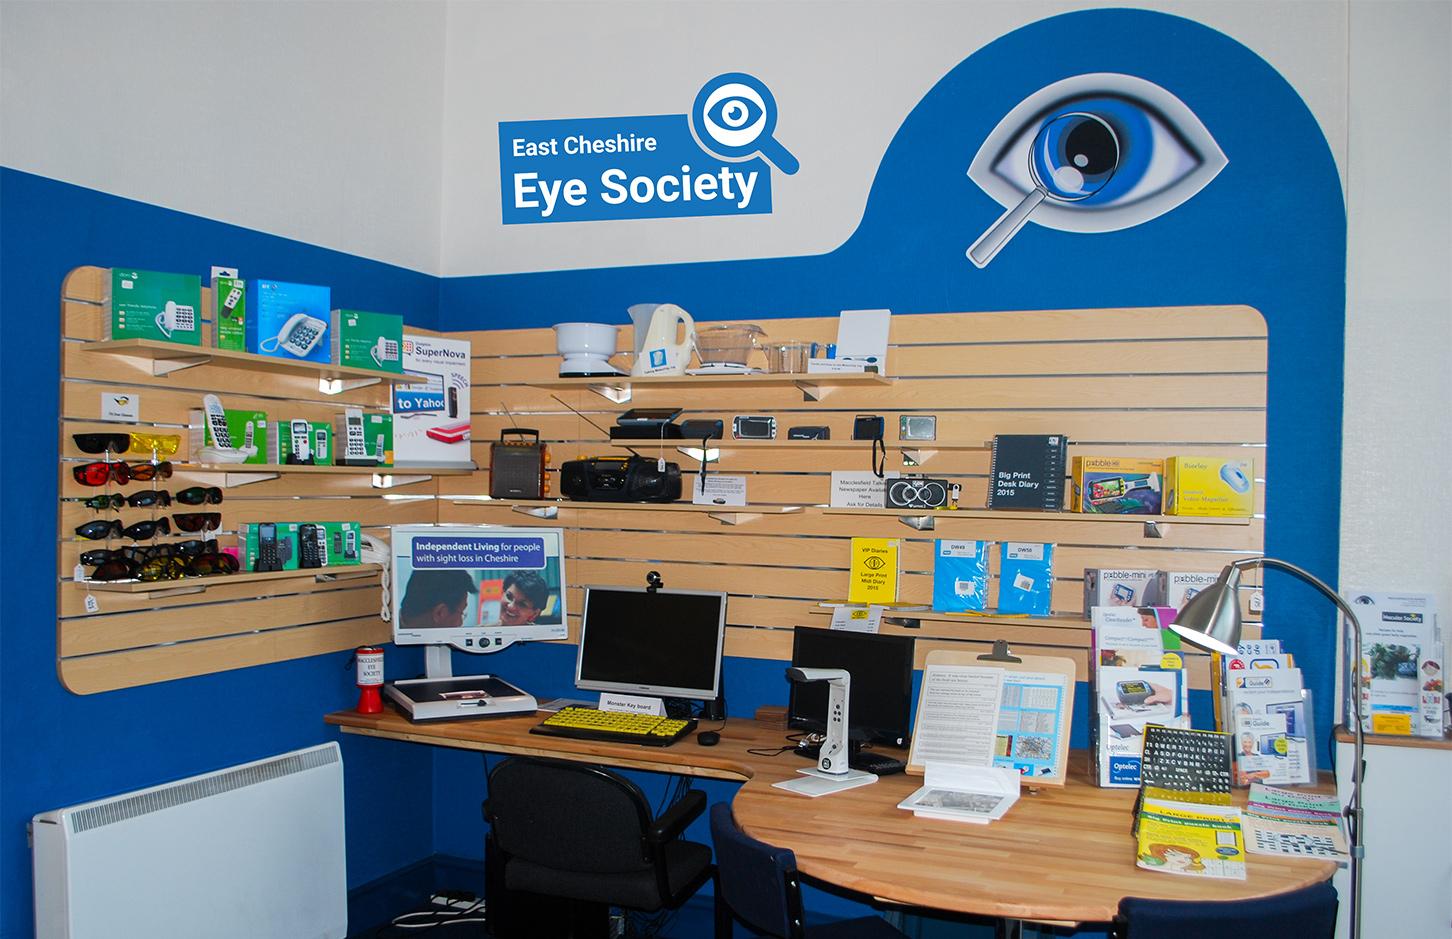 East Cheshire Eye Society